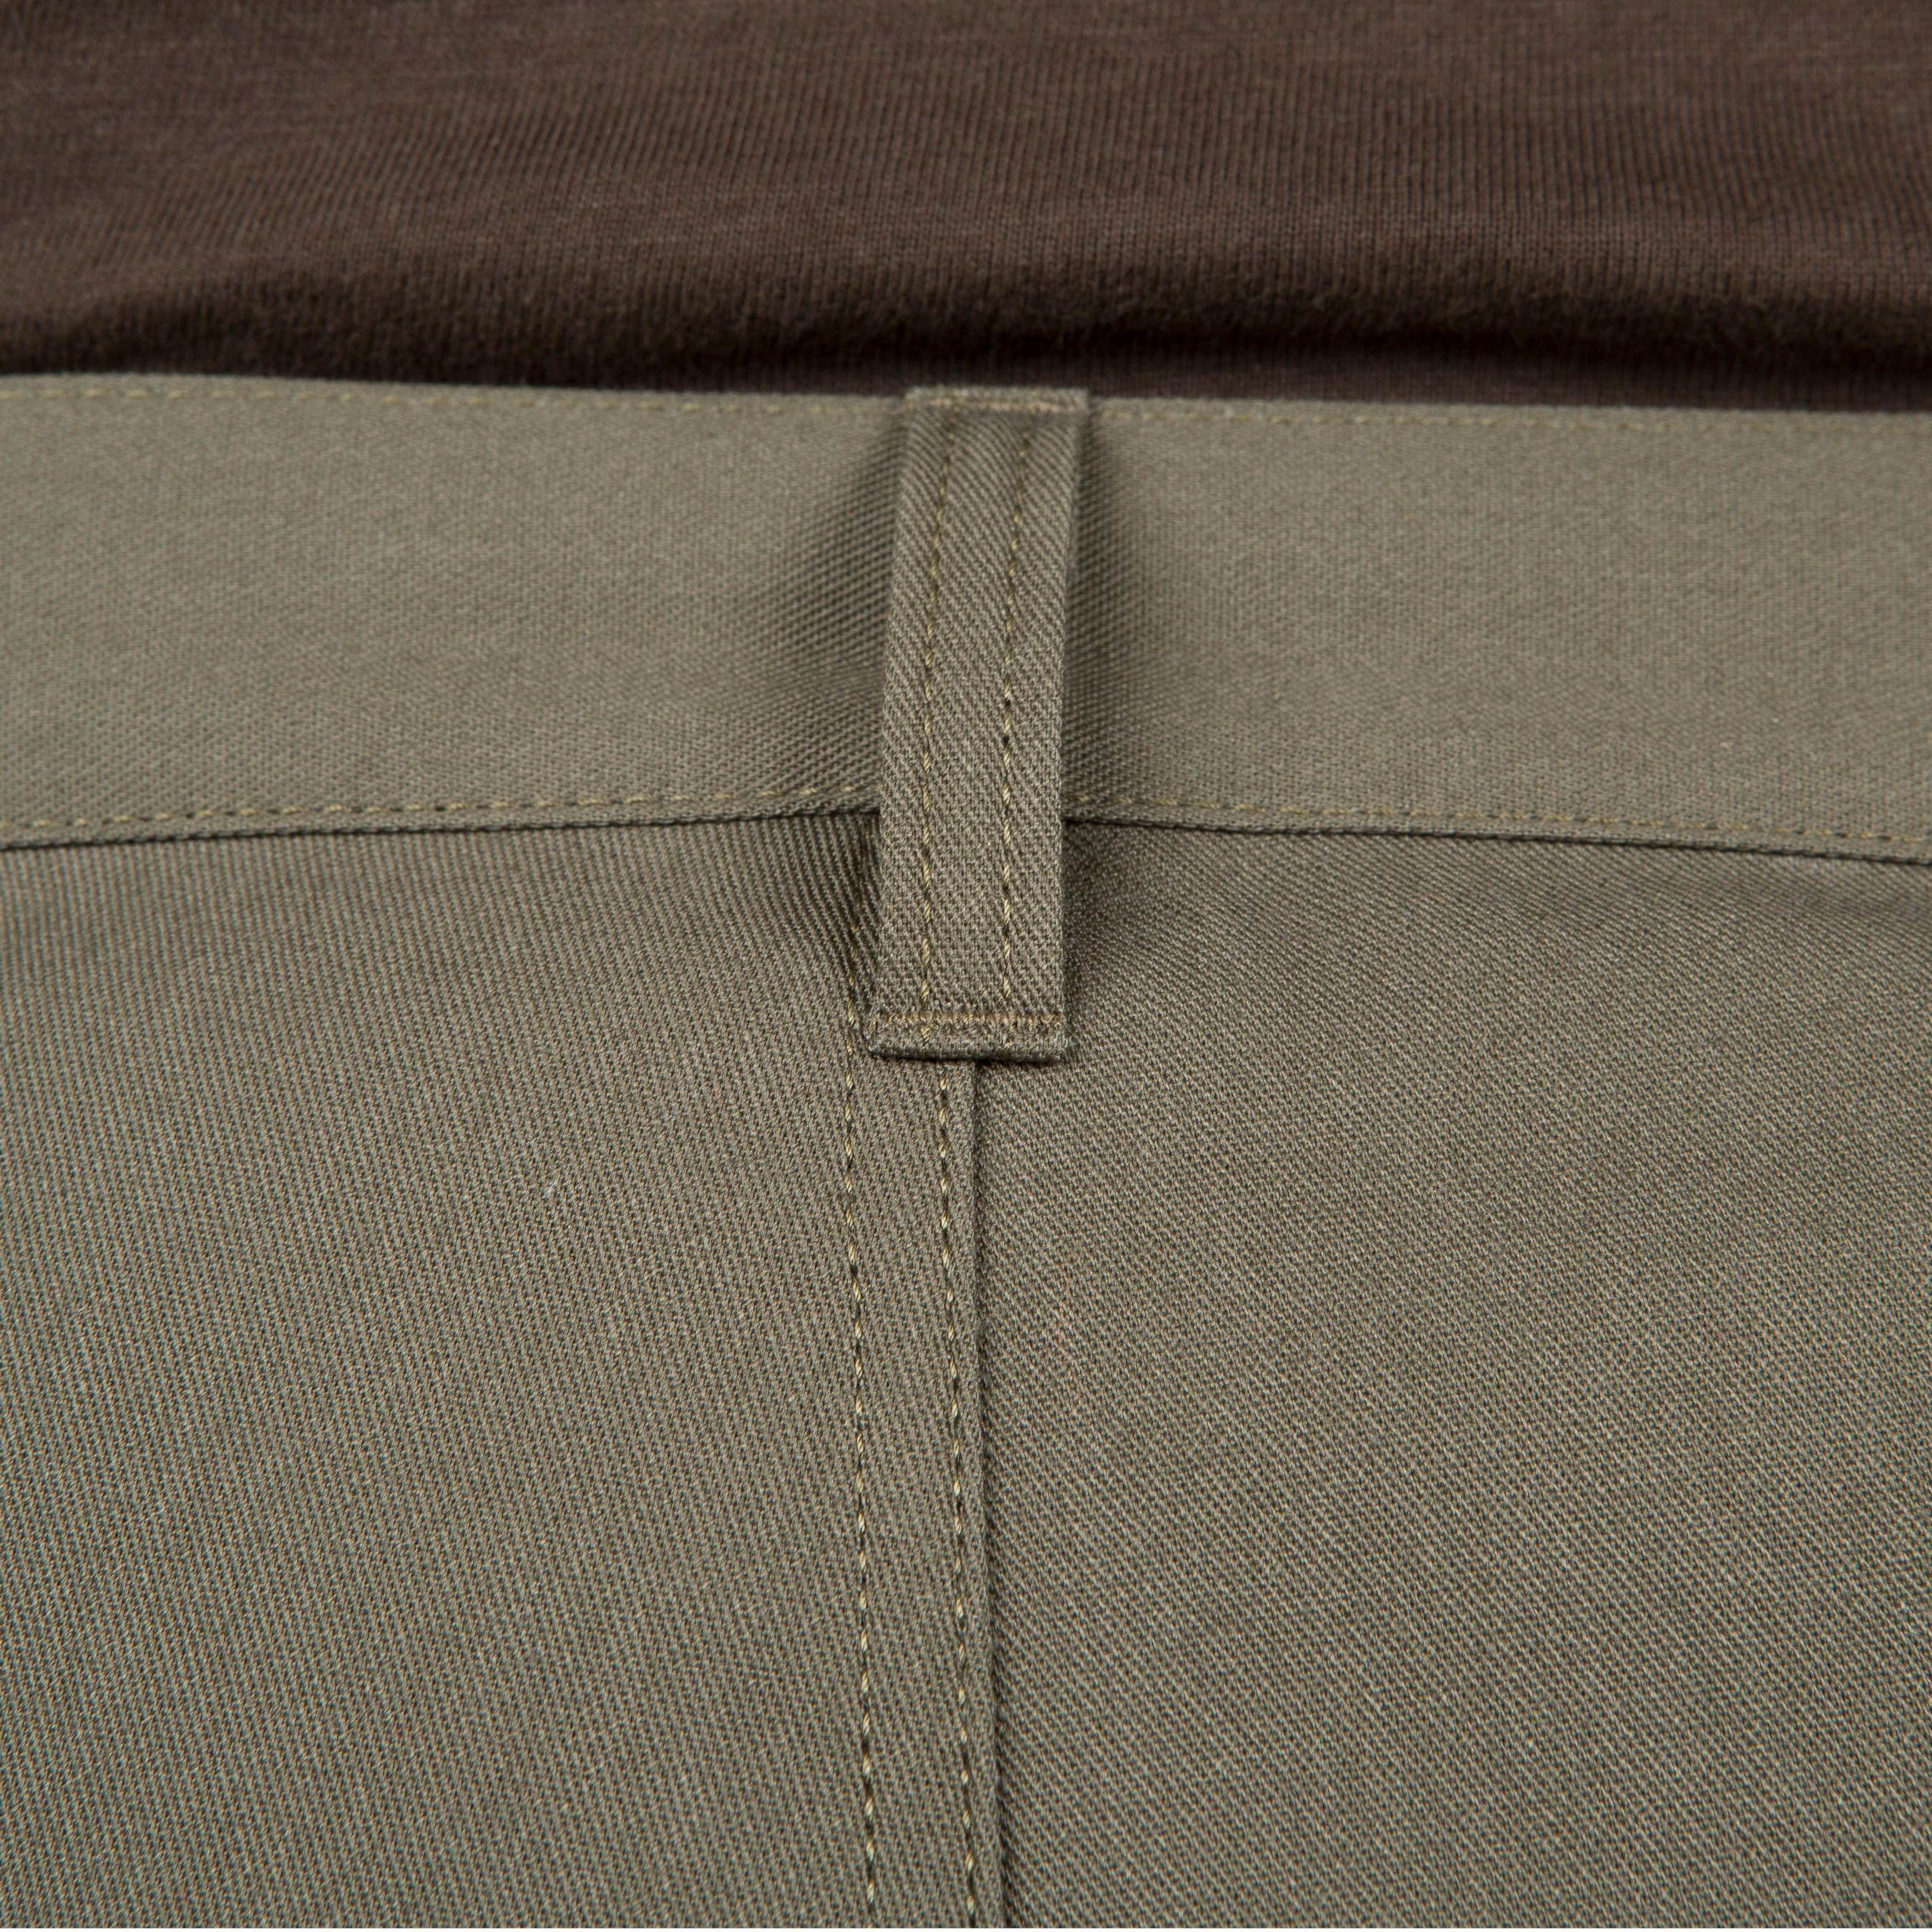 Pantalon chasse Steppe 300 renfort vert